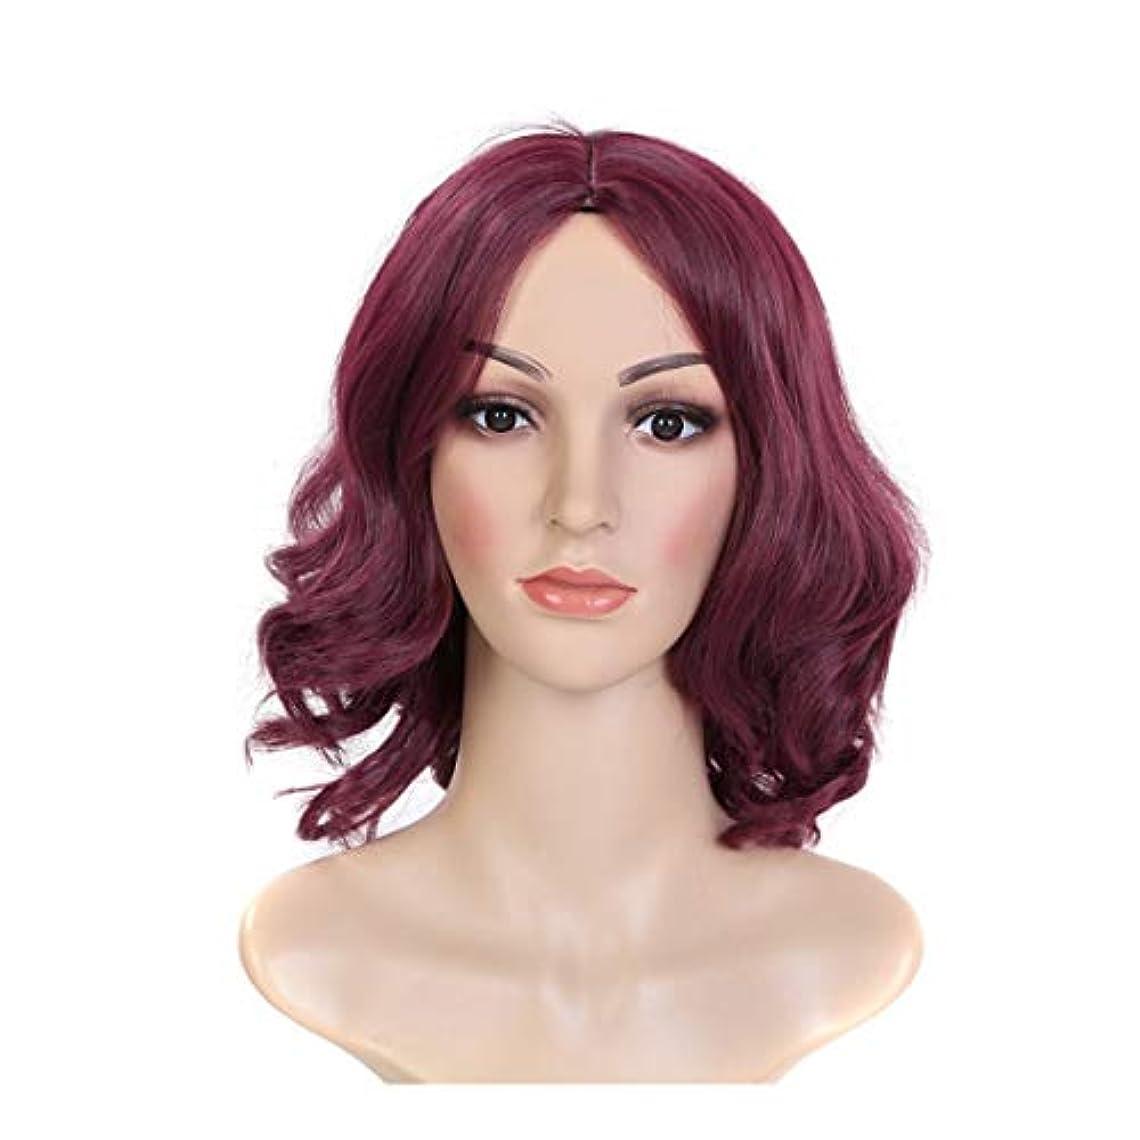 また明日ねカード一元化するYOUQIU 女性のかつらのためのワインレッド気質スプリットかつらヘッドギア剃った顔短い巻き毛のかつら (色 : Red wine)